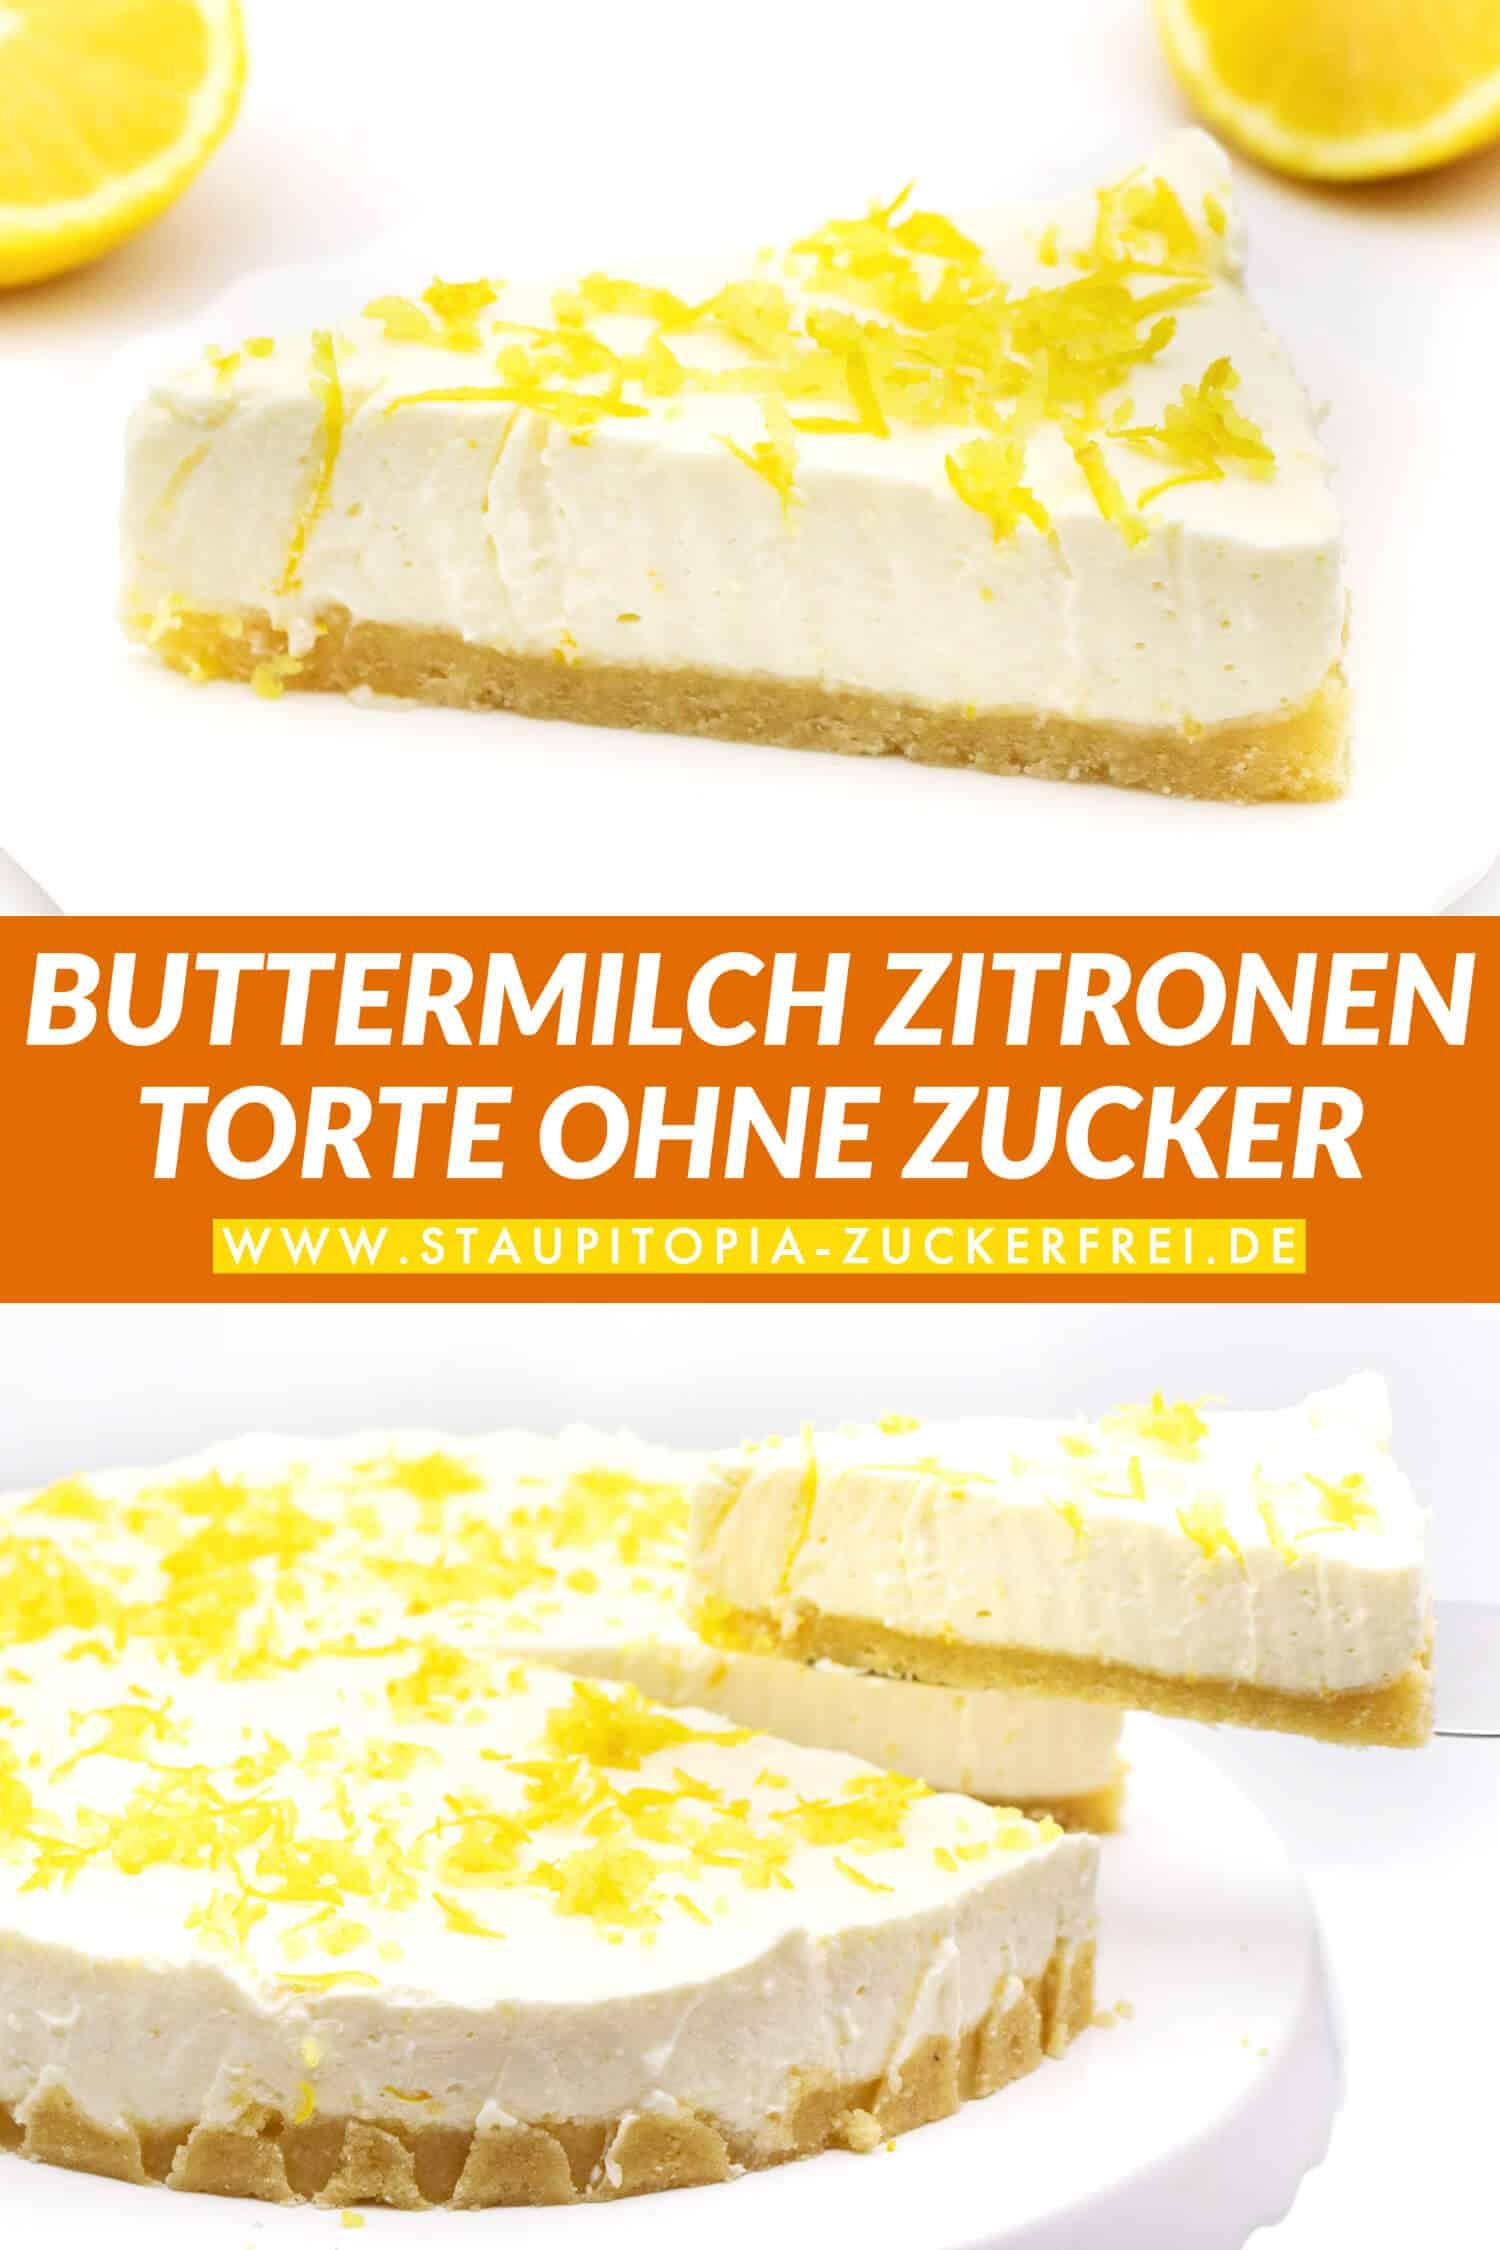 Low Carb Buttermilch Zitronen Torte ohne Zucker Rezept